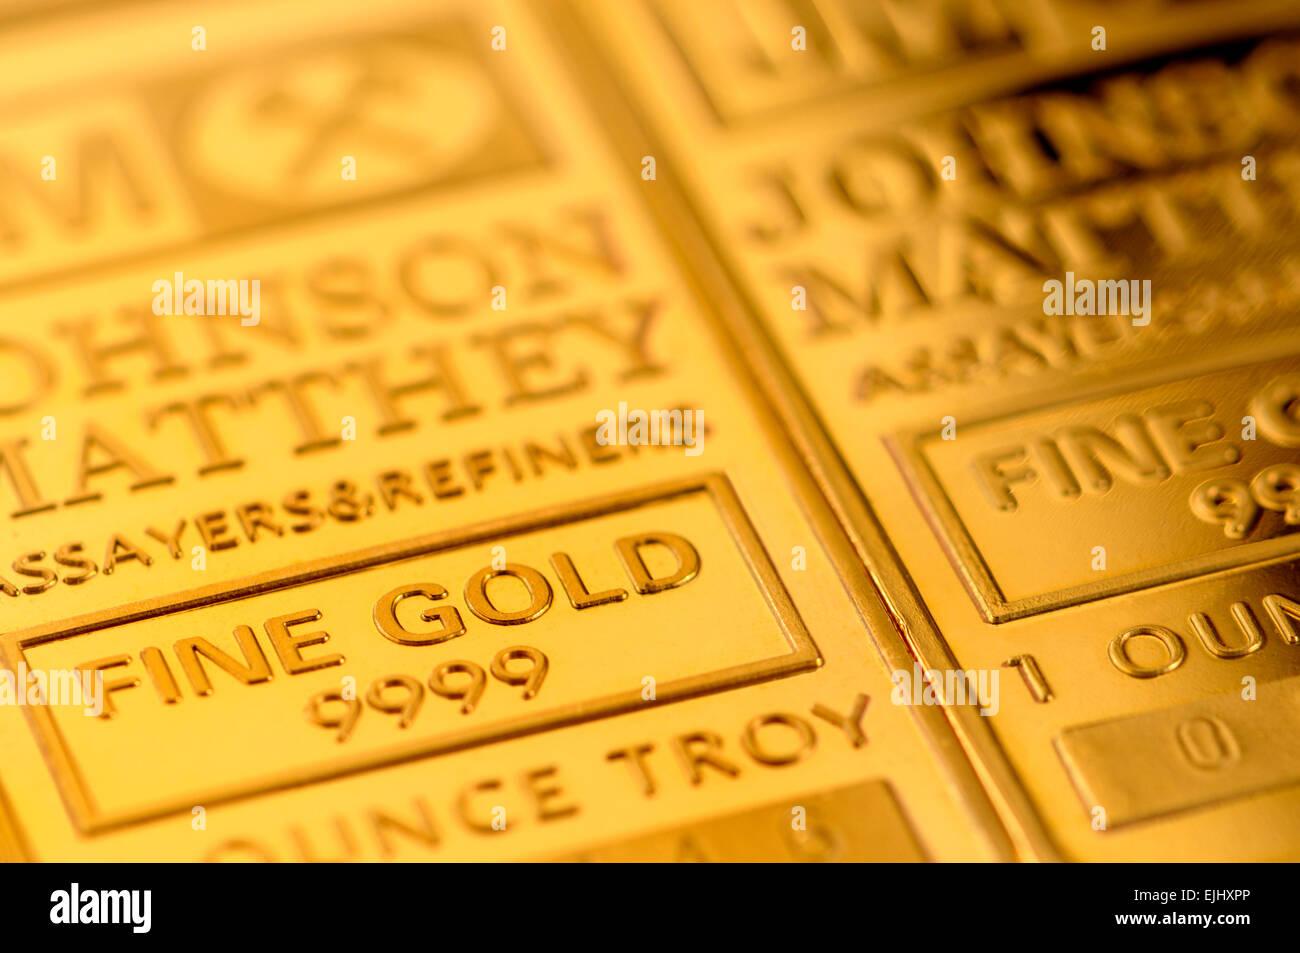 Goldbarren Barren (vergoldete Repliken) Stockbild